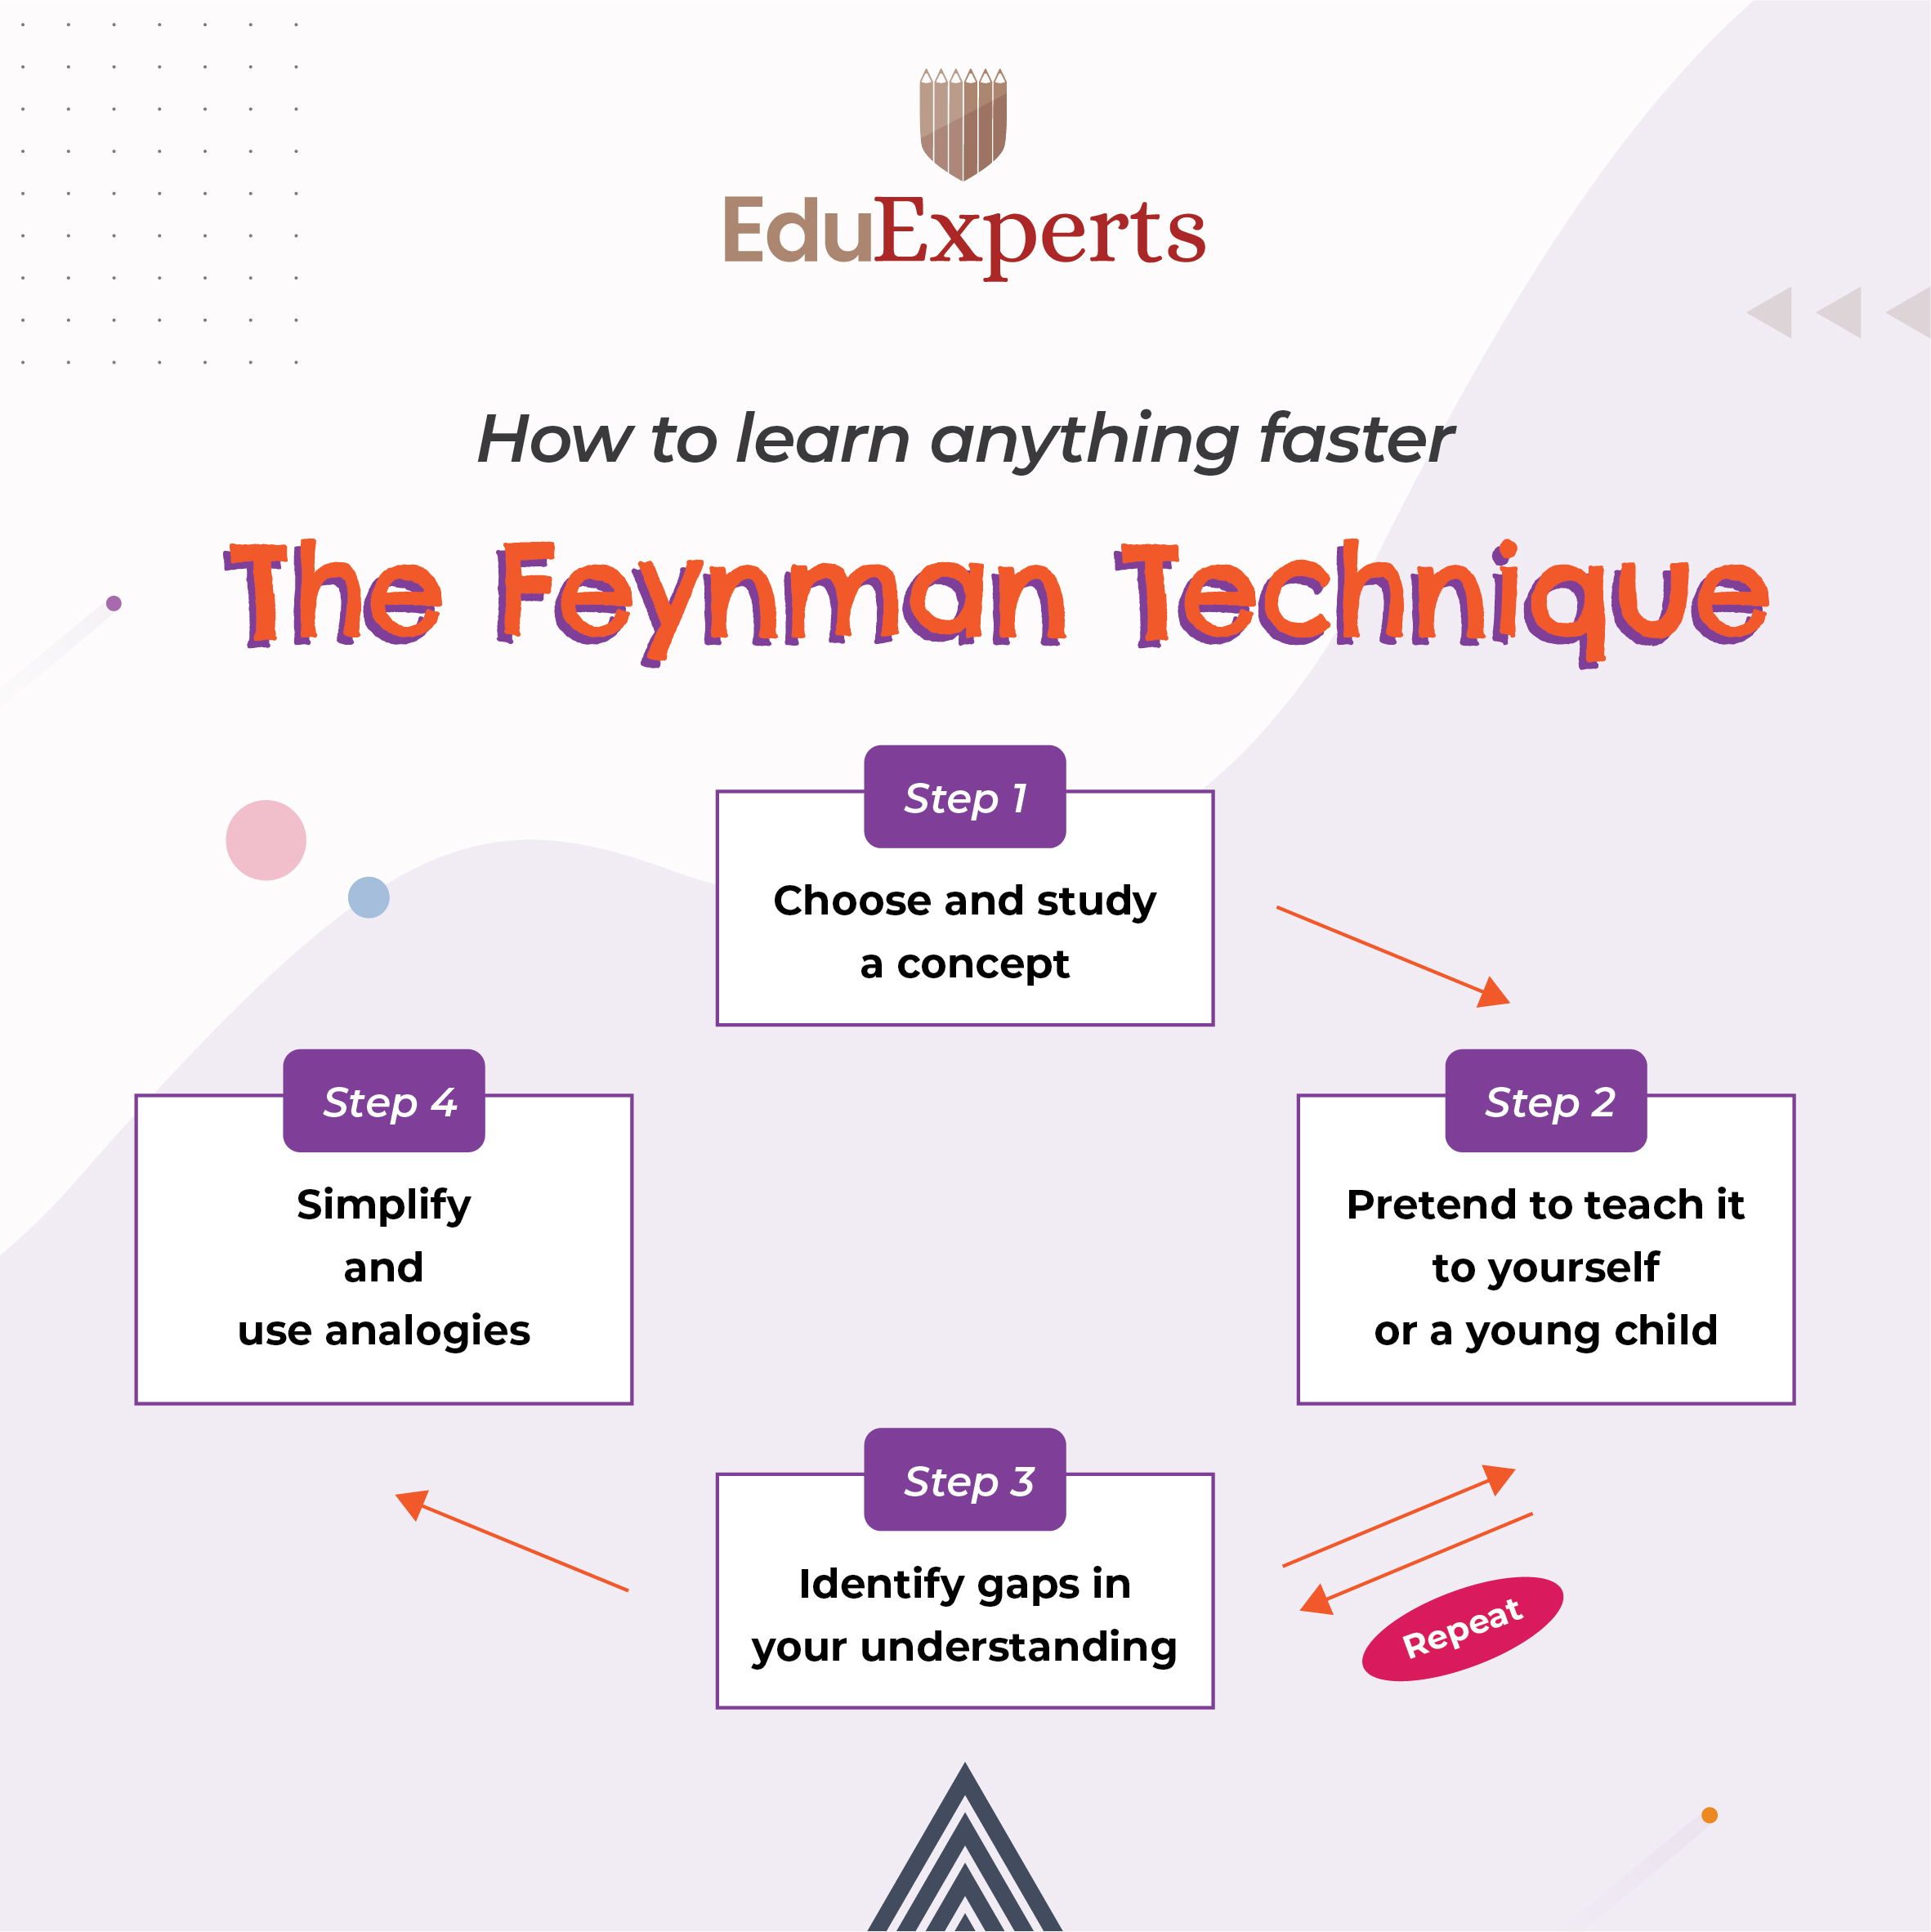 Feynman4.jpg